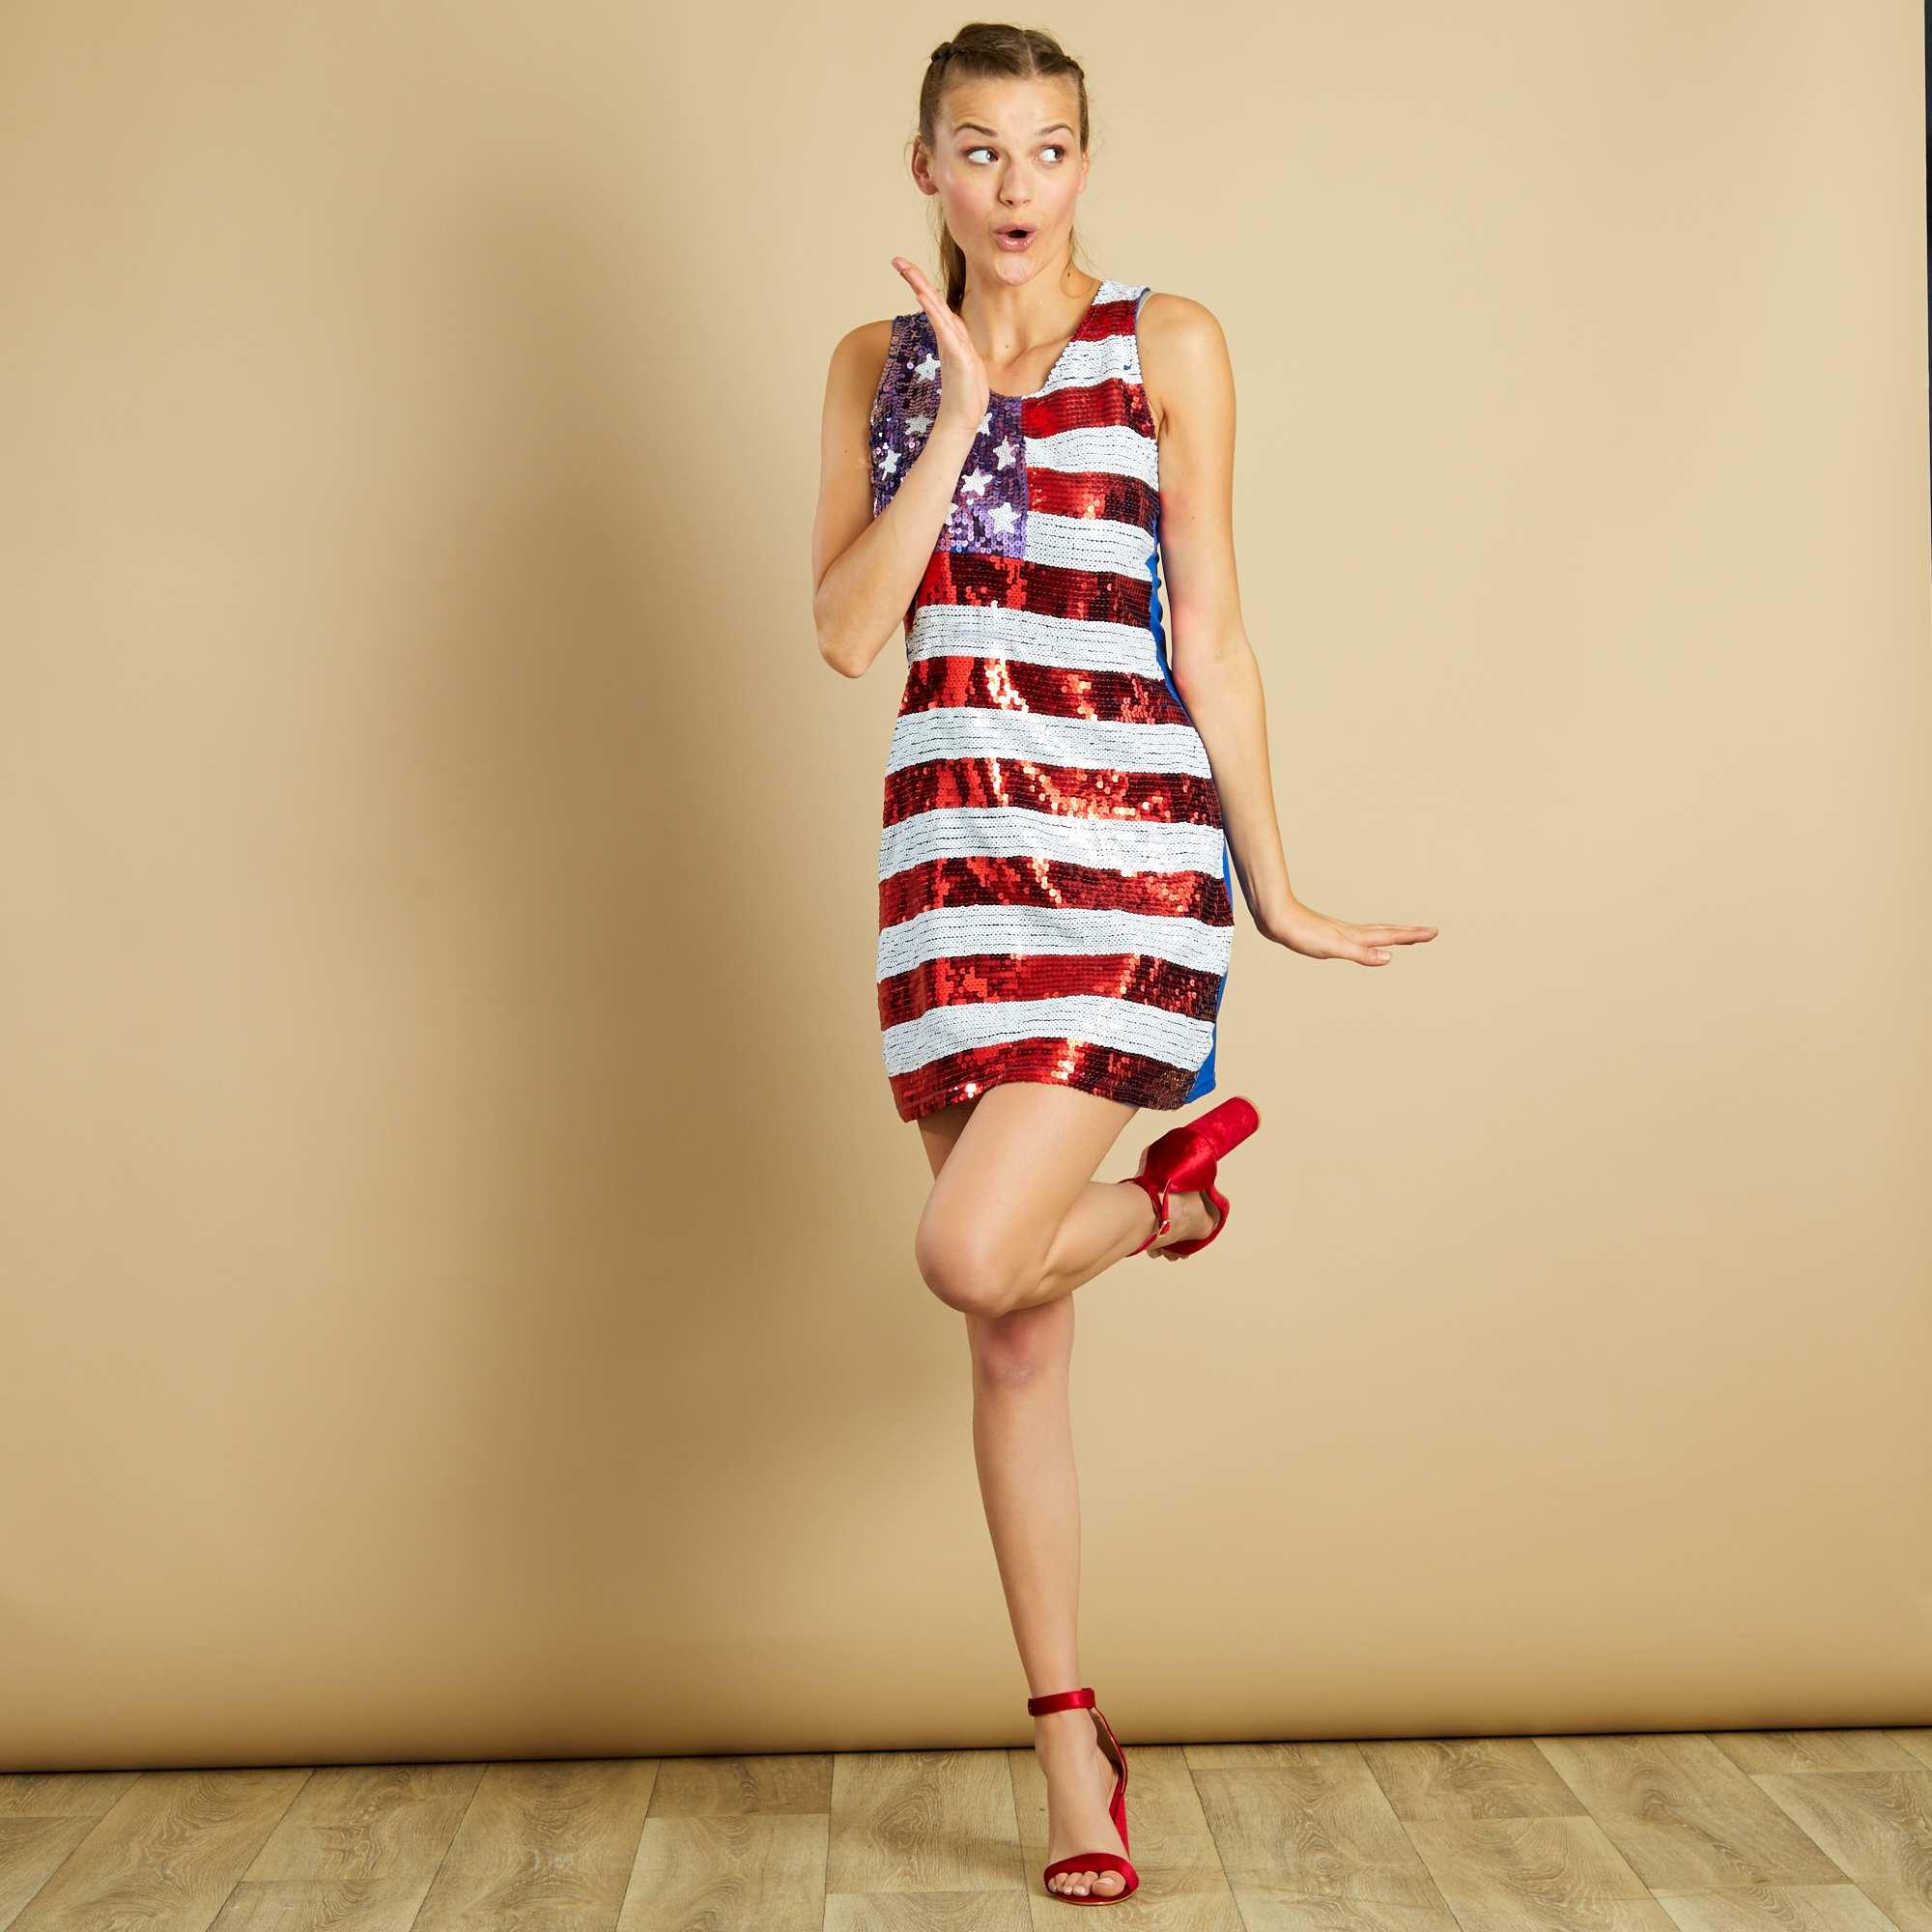 Couleur : rouge/blanc, , ,, - Taille : M, , ,,Style américain à sequins. - Robe à sequins - Motif drapeau USA - Doublé devant